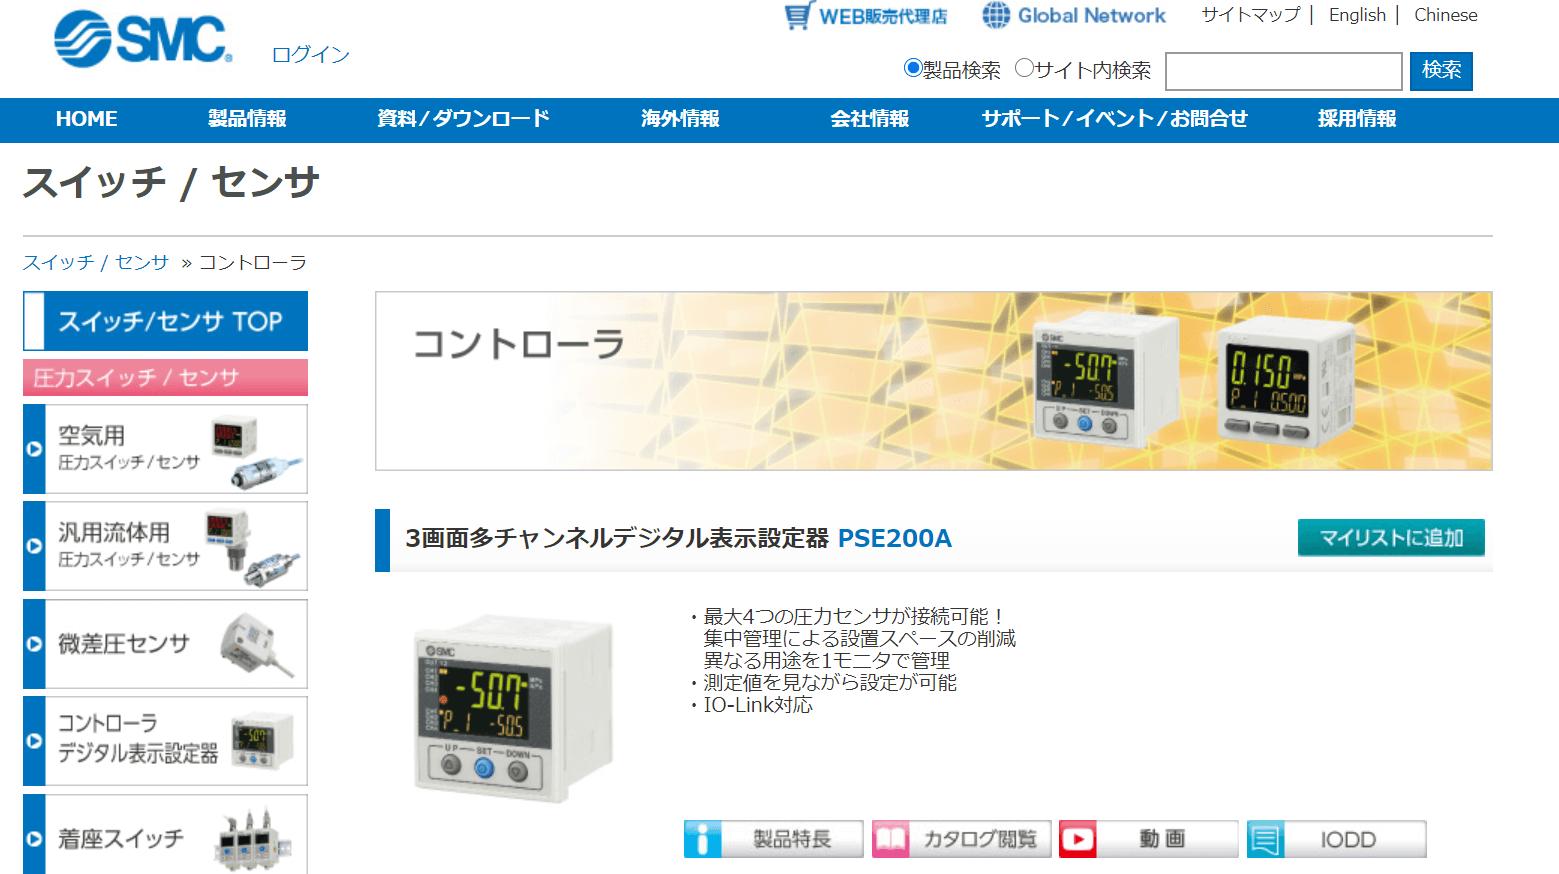 多チャンネルデジタル圧力センサコントローラ PSE200